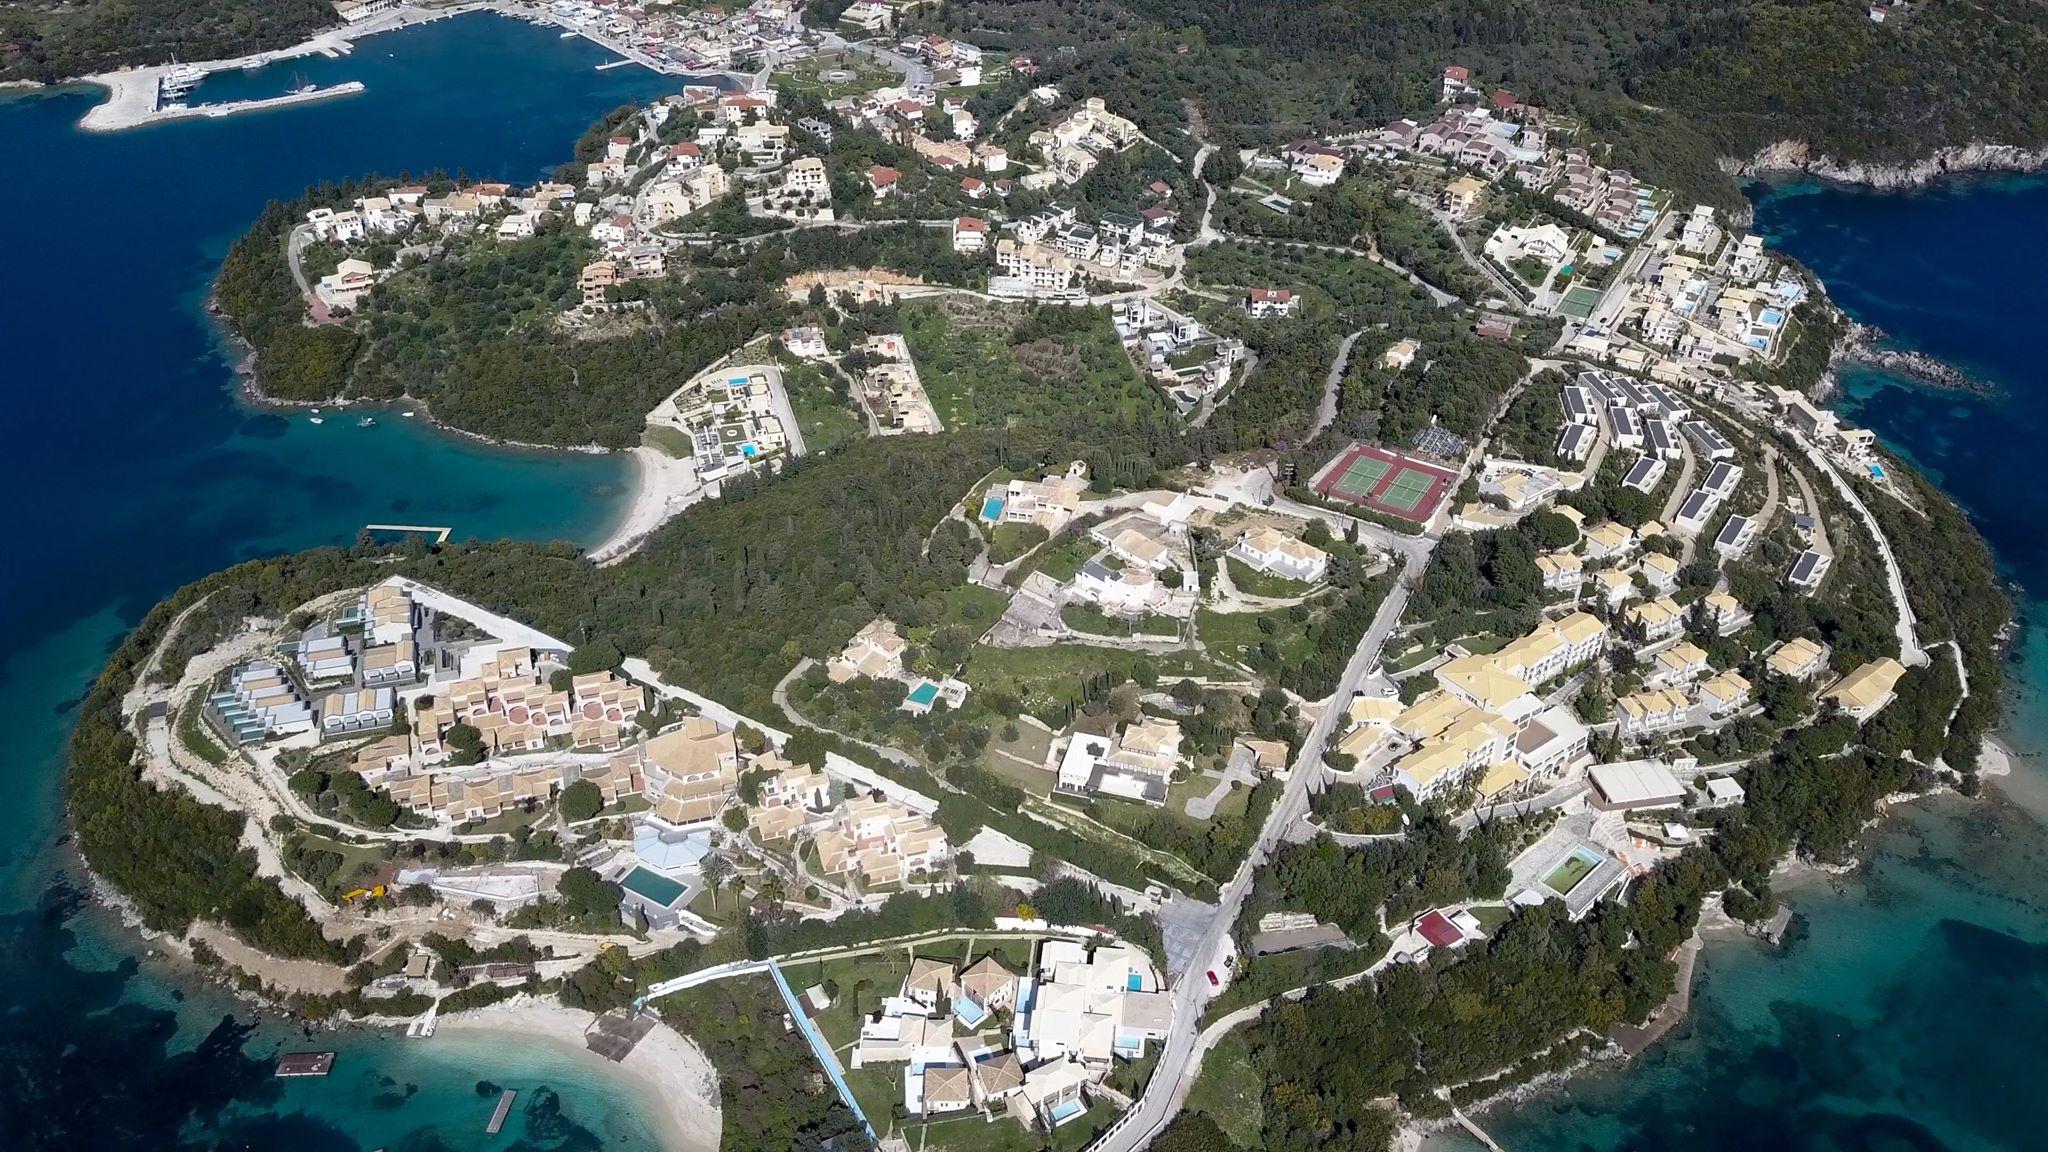 For sale 93m2  maisonette in Sivota 140.000 euro.(067)